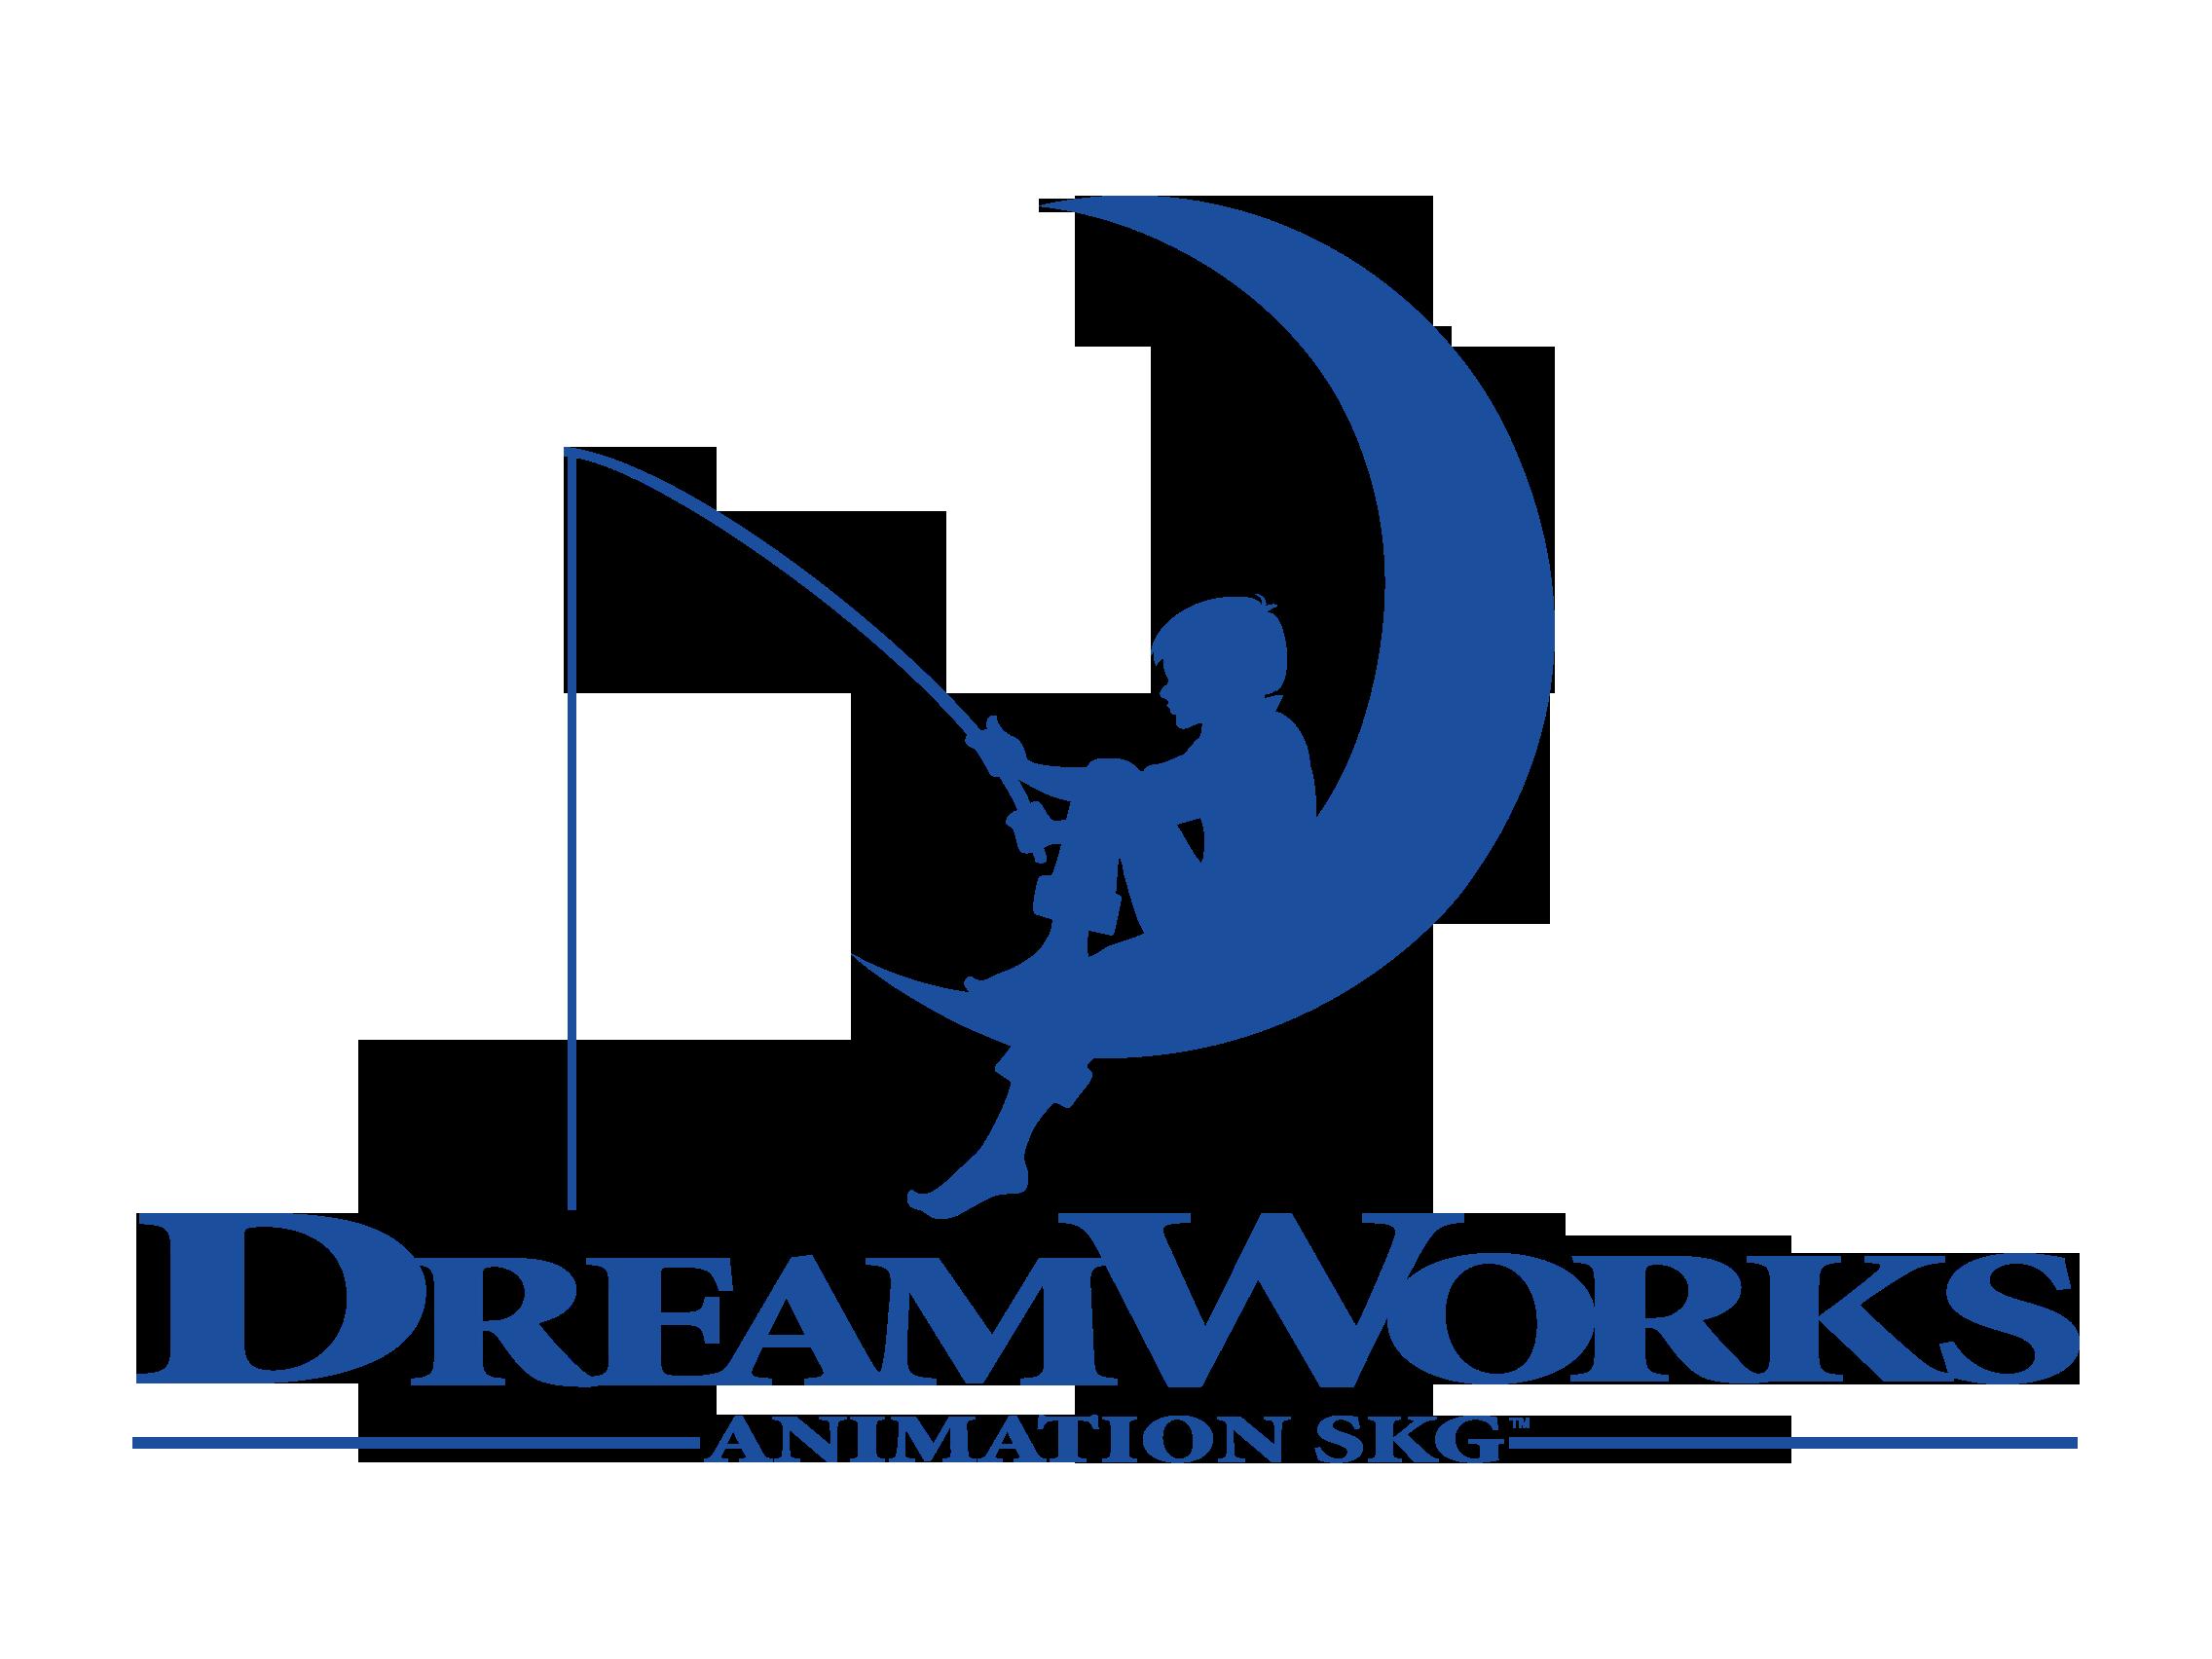 DreamWorks-Animation-SKG-logo.png